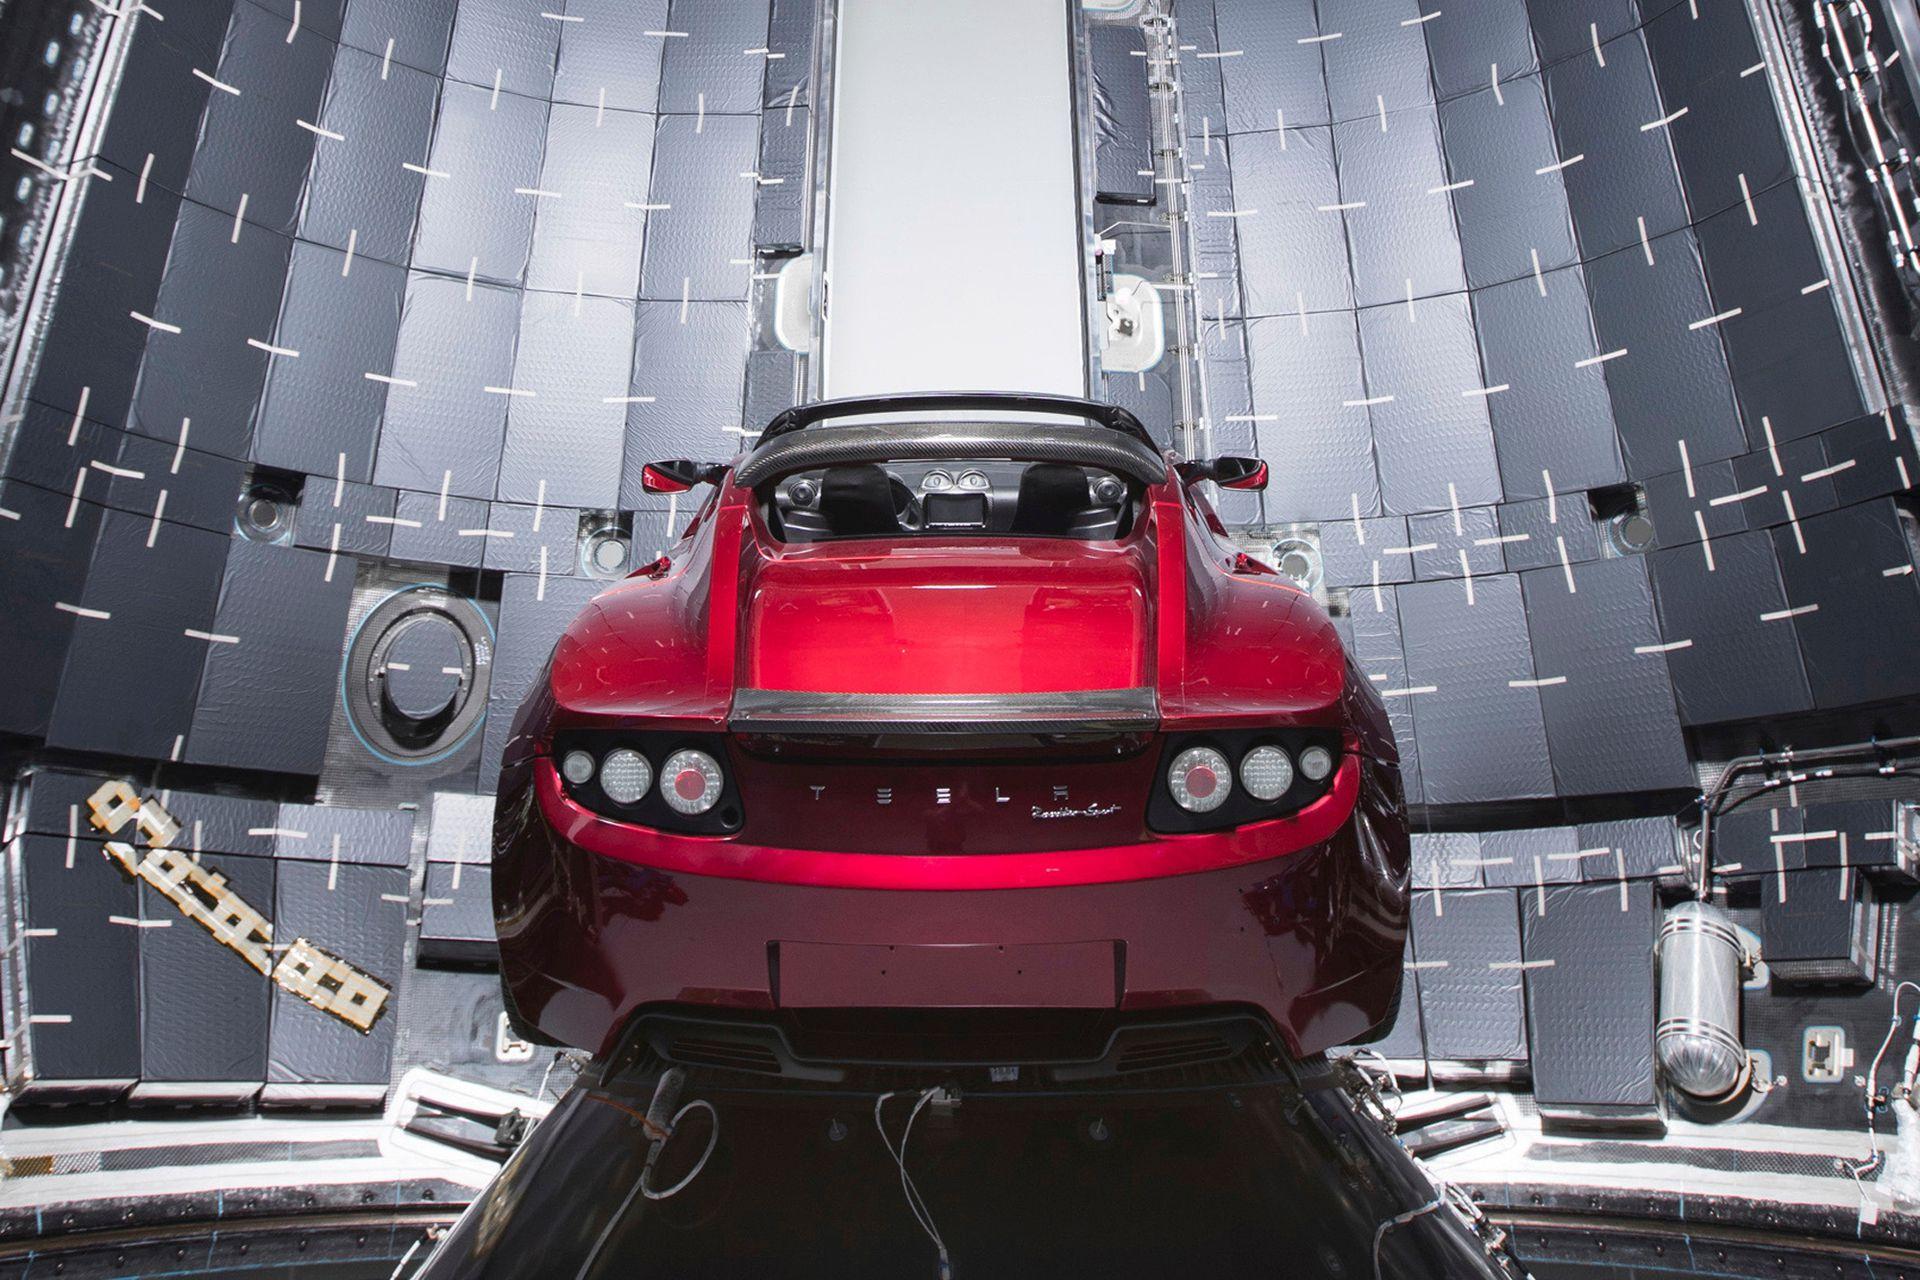 El auto Tesla Roadster, de la compañía Tesla de Elon Musk